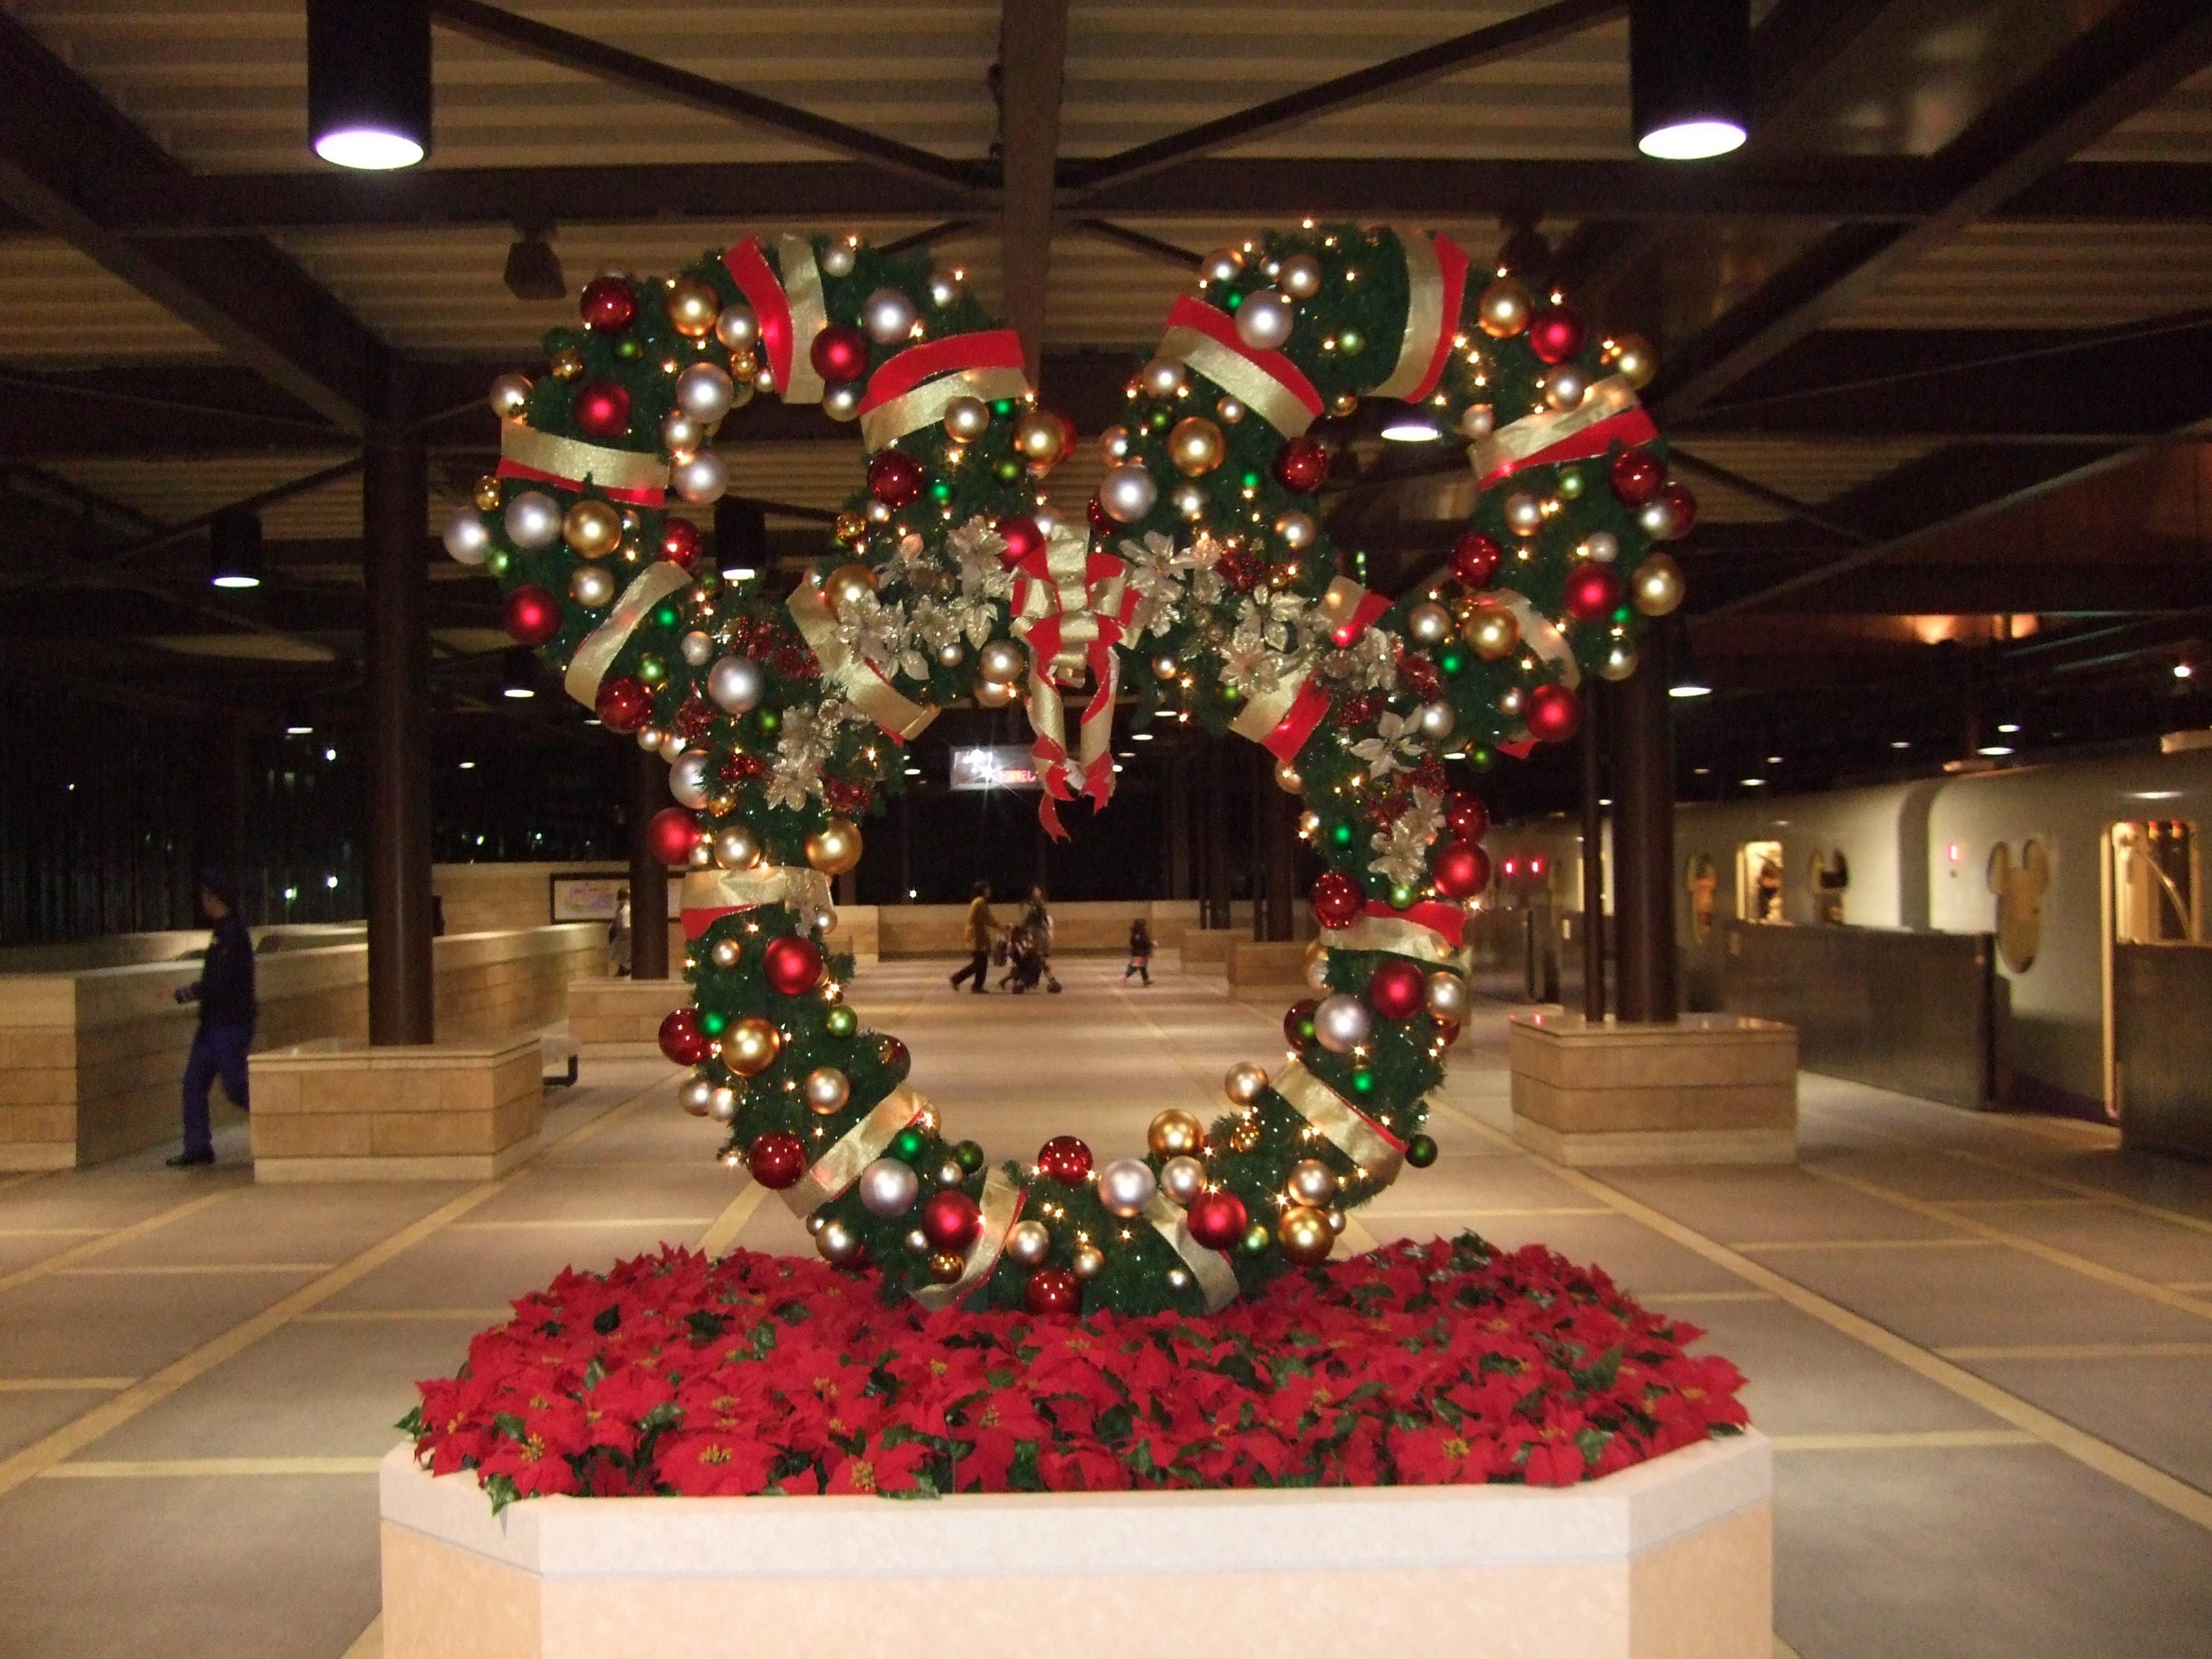 2007クリスマス ディズニーシーへ』東京ディズニーリゾート(千葉県)の